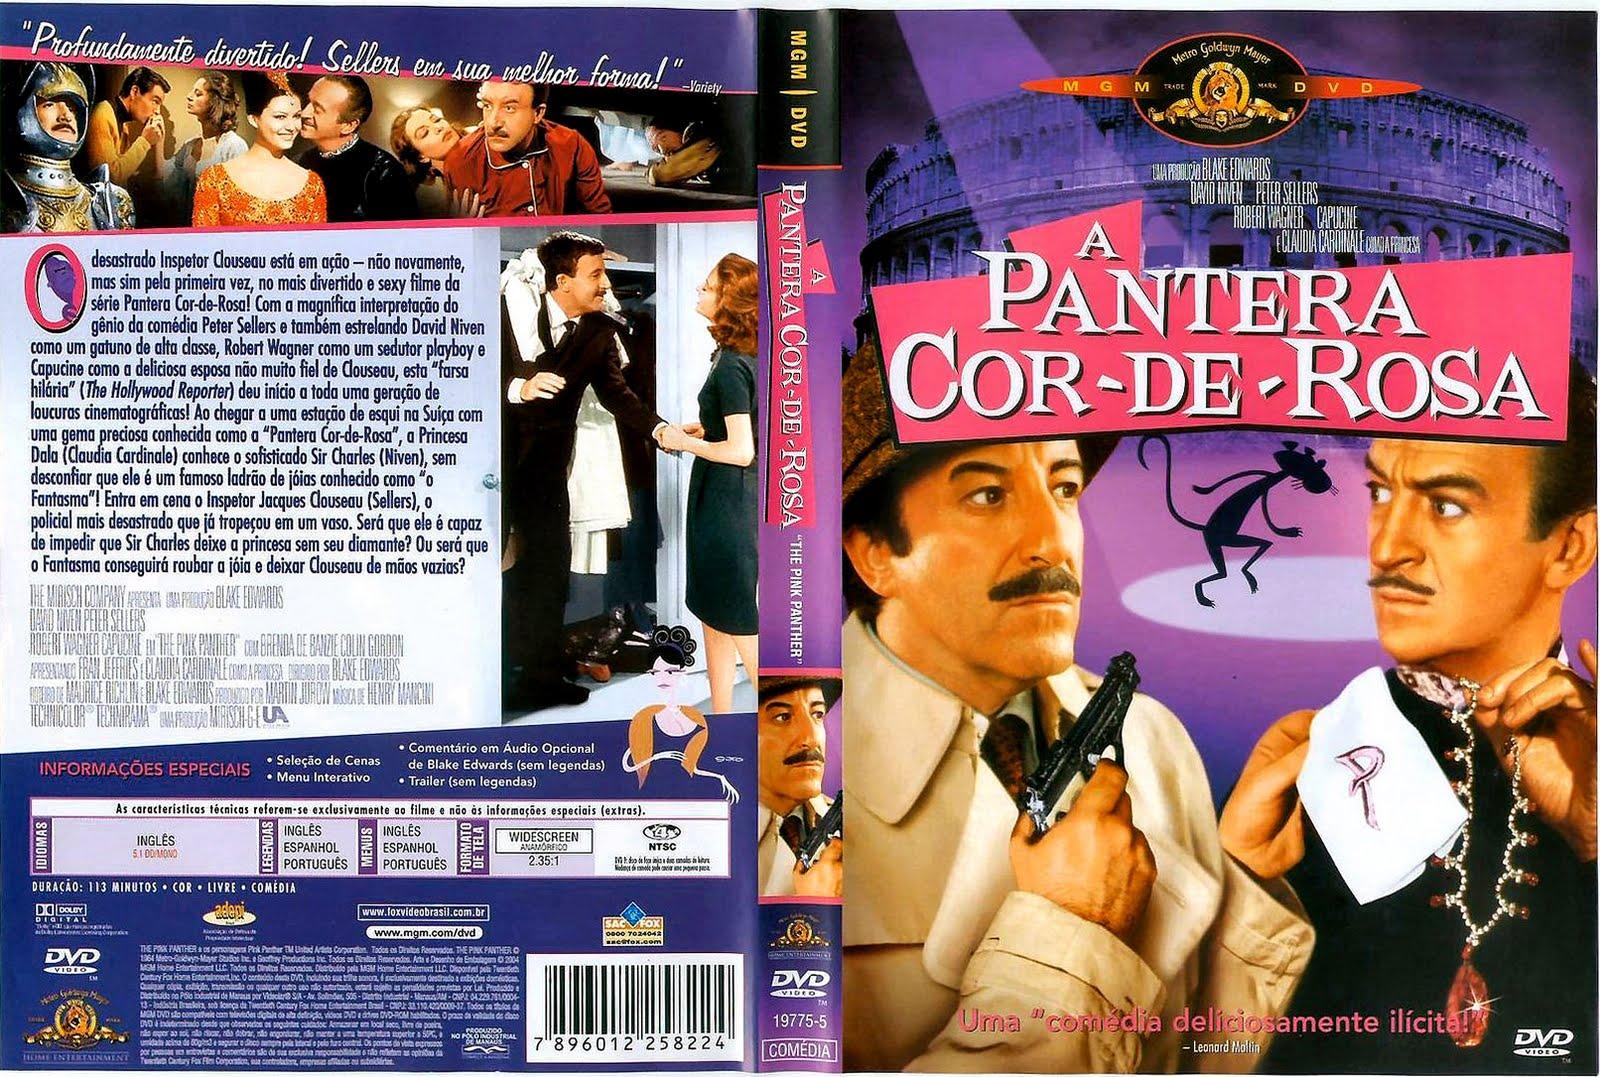 Rmbs Rock Filme A Pantera Cor De Rosa The Pink Panther 1963